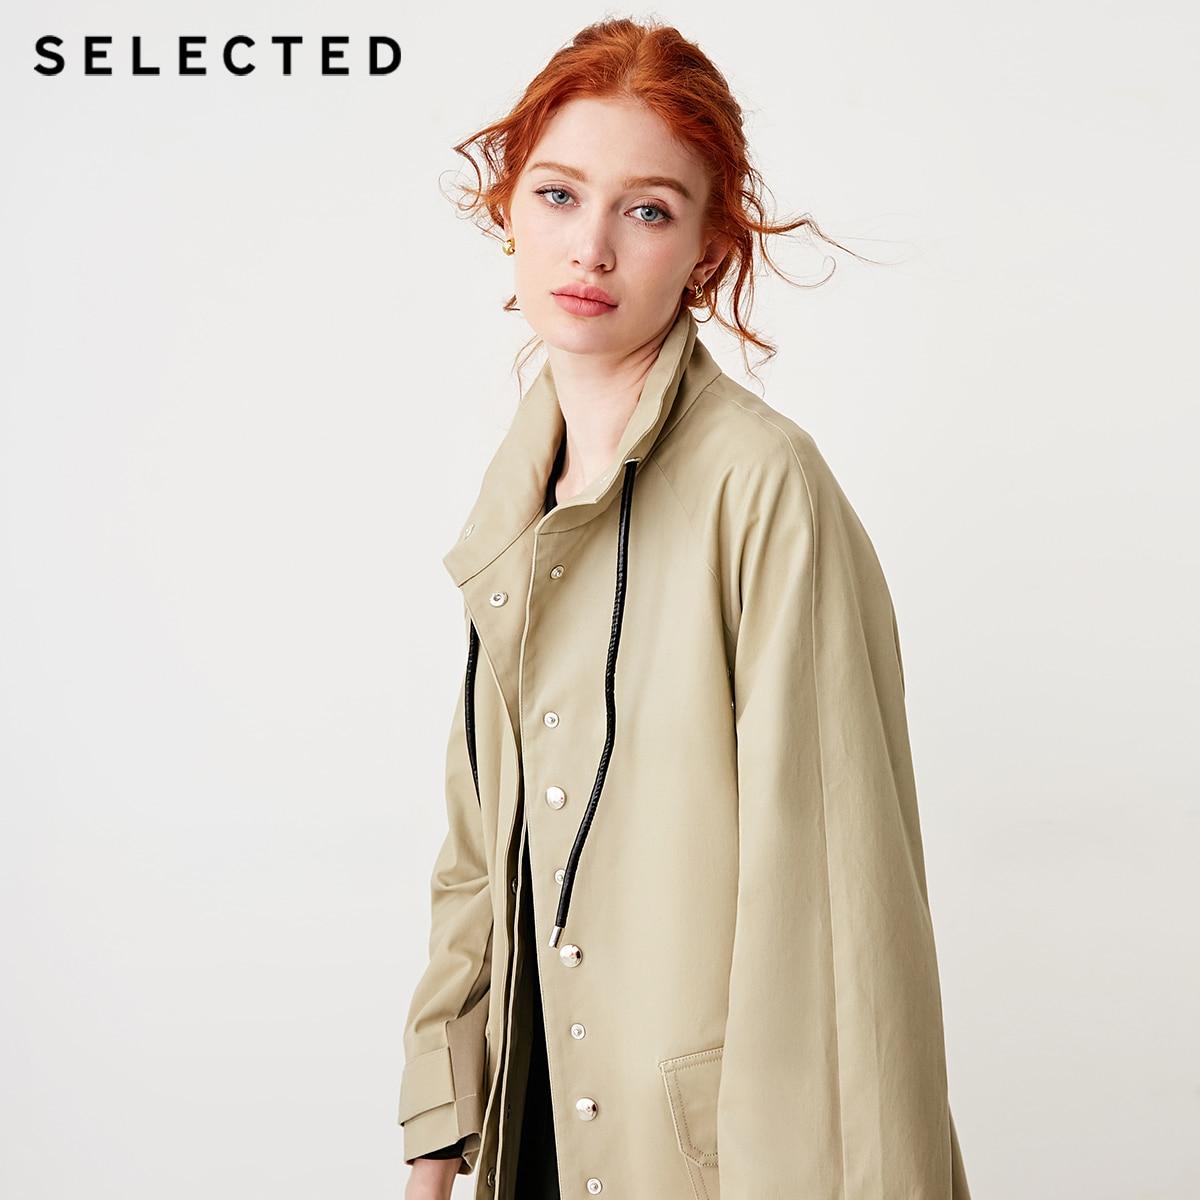 Kadın Giyim'ten Siper'de Seçilen kadın pamuk karışımlı çeşitli renkler Stand up yaka kemer rüzgar ceketi S  419121510'da  Grup 1